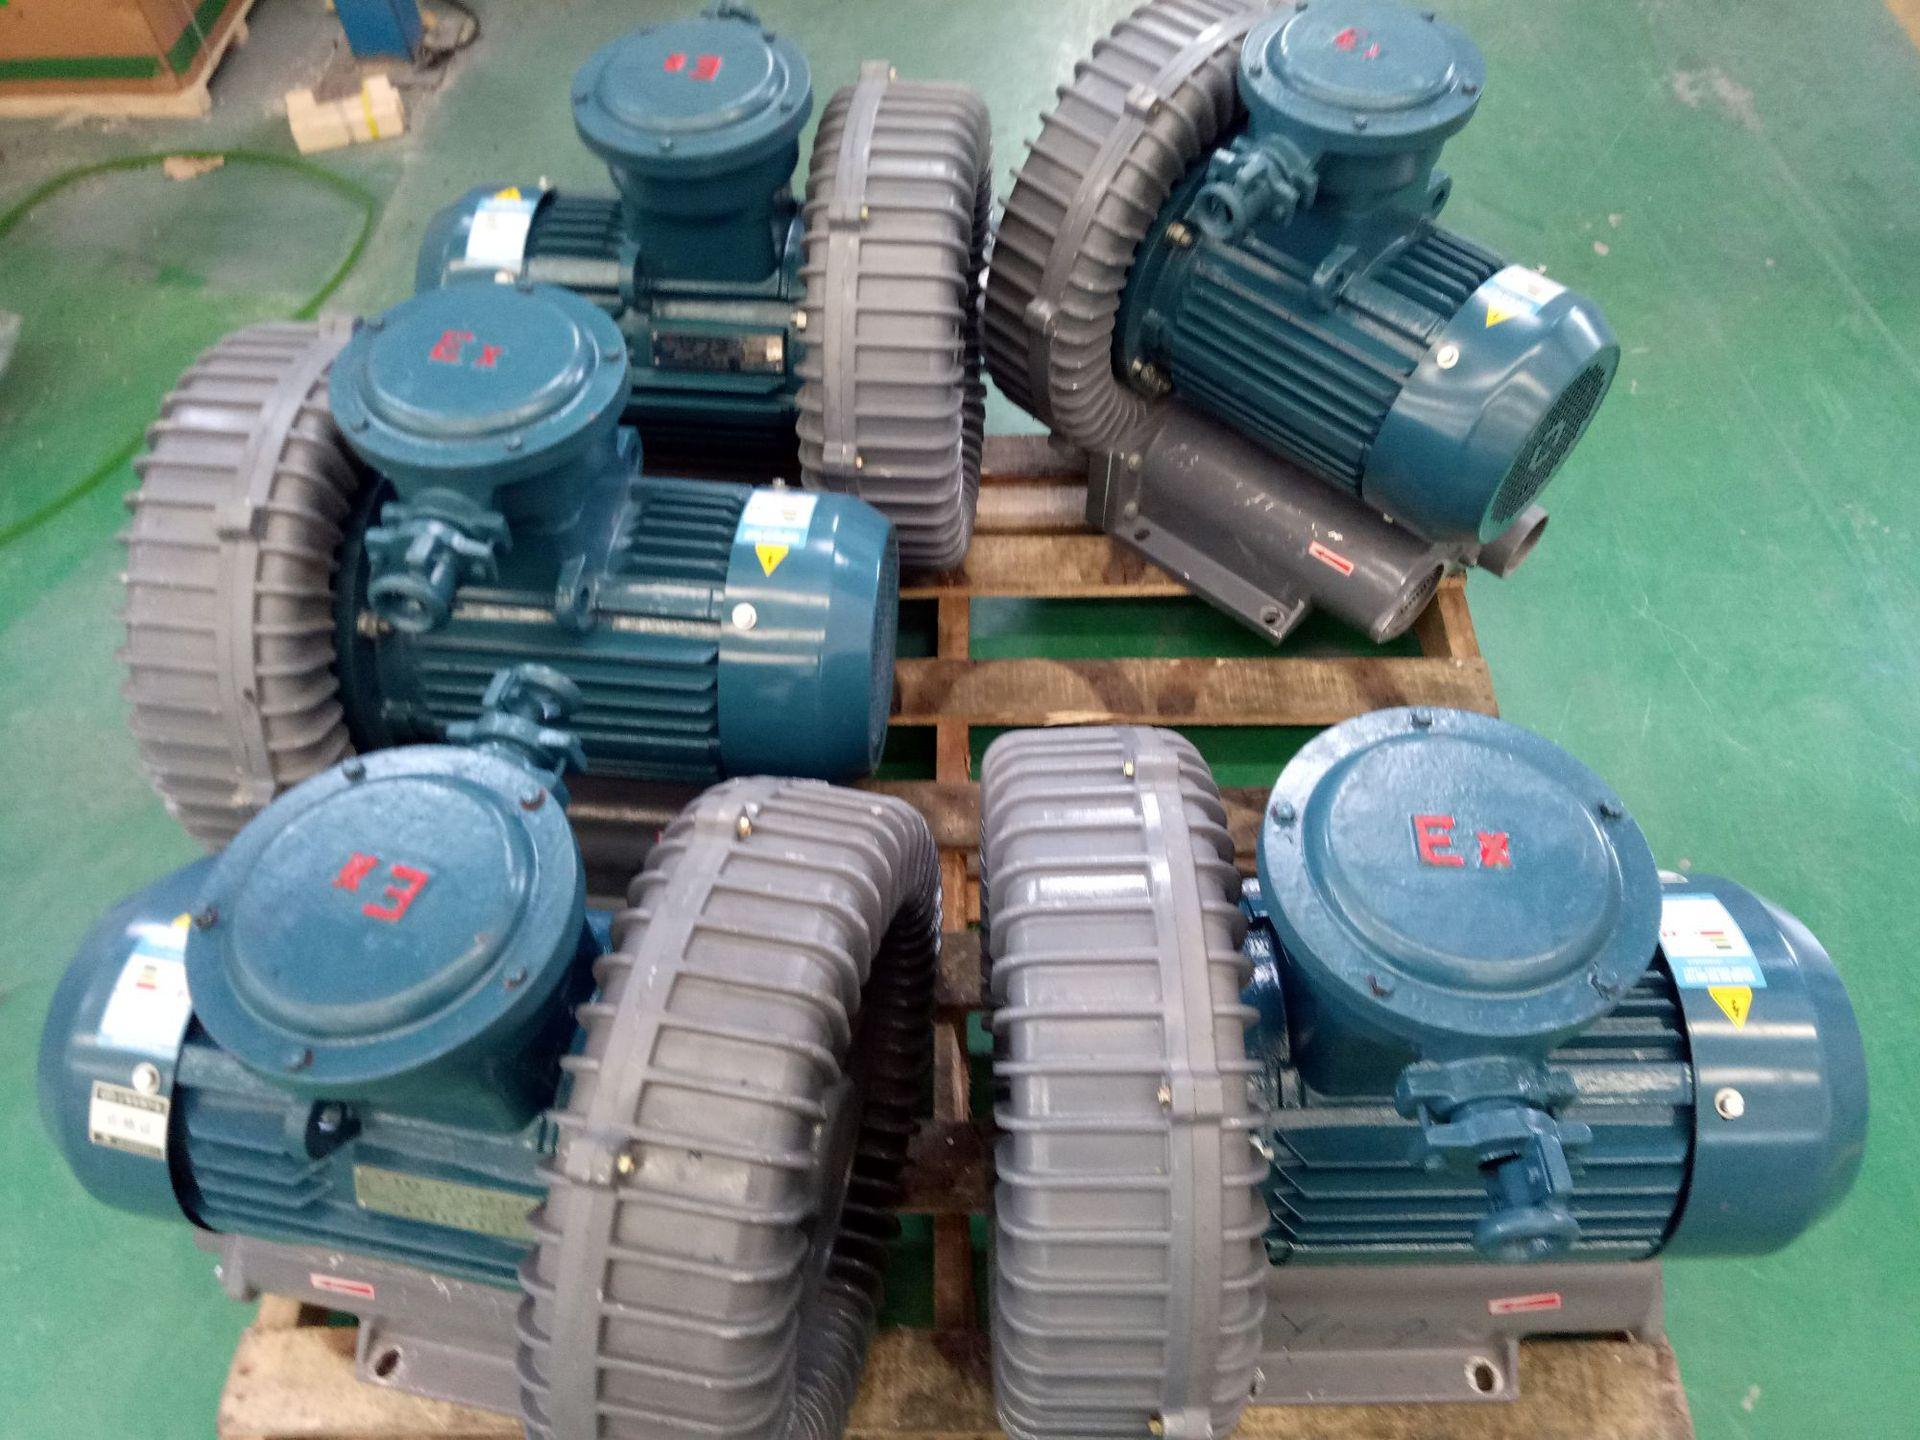 哈尔滨油气输送防爆高压风机 FB-25油气输送防爆高压风机 厂家直销防爆风机示例图11